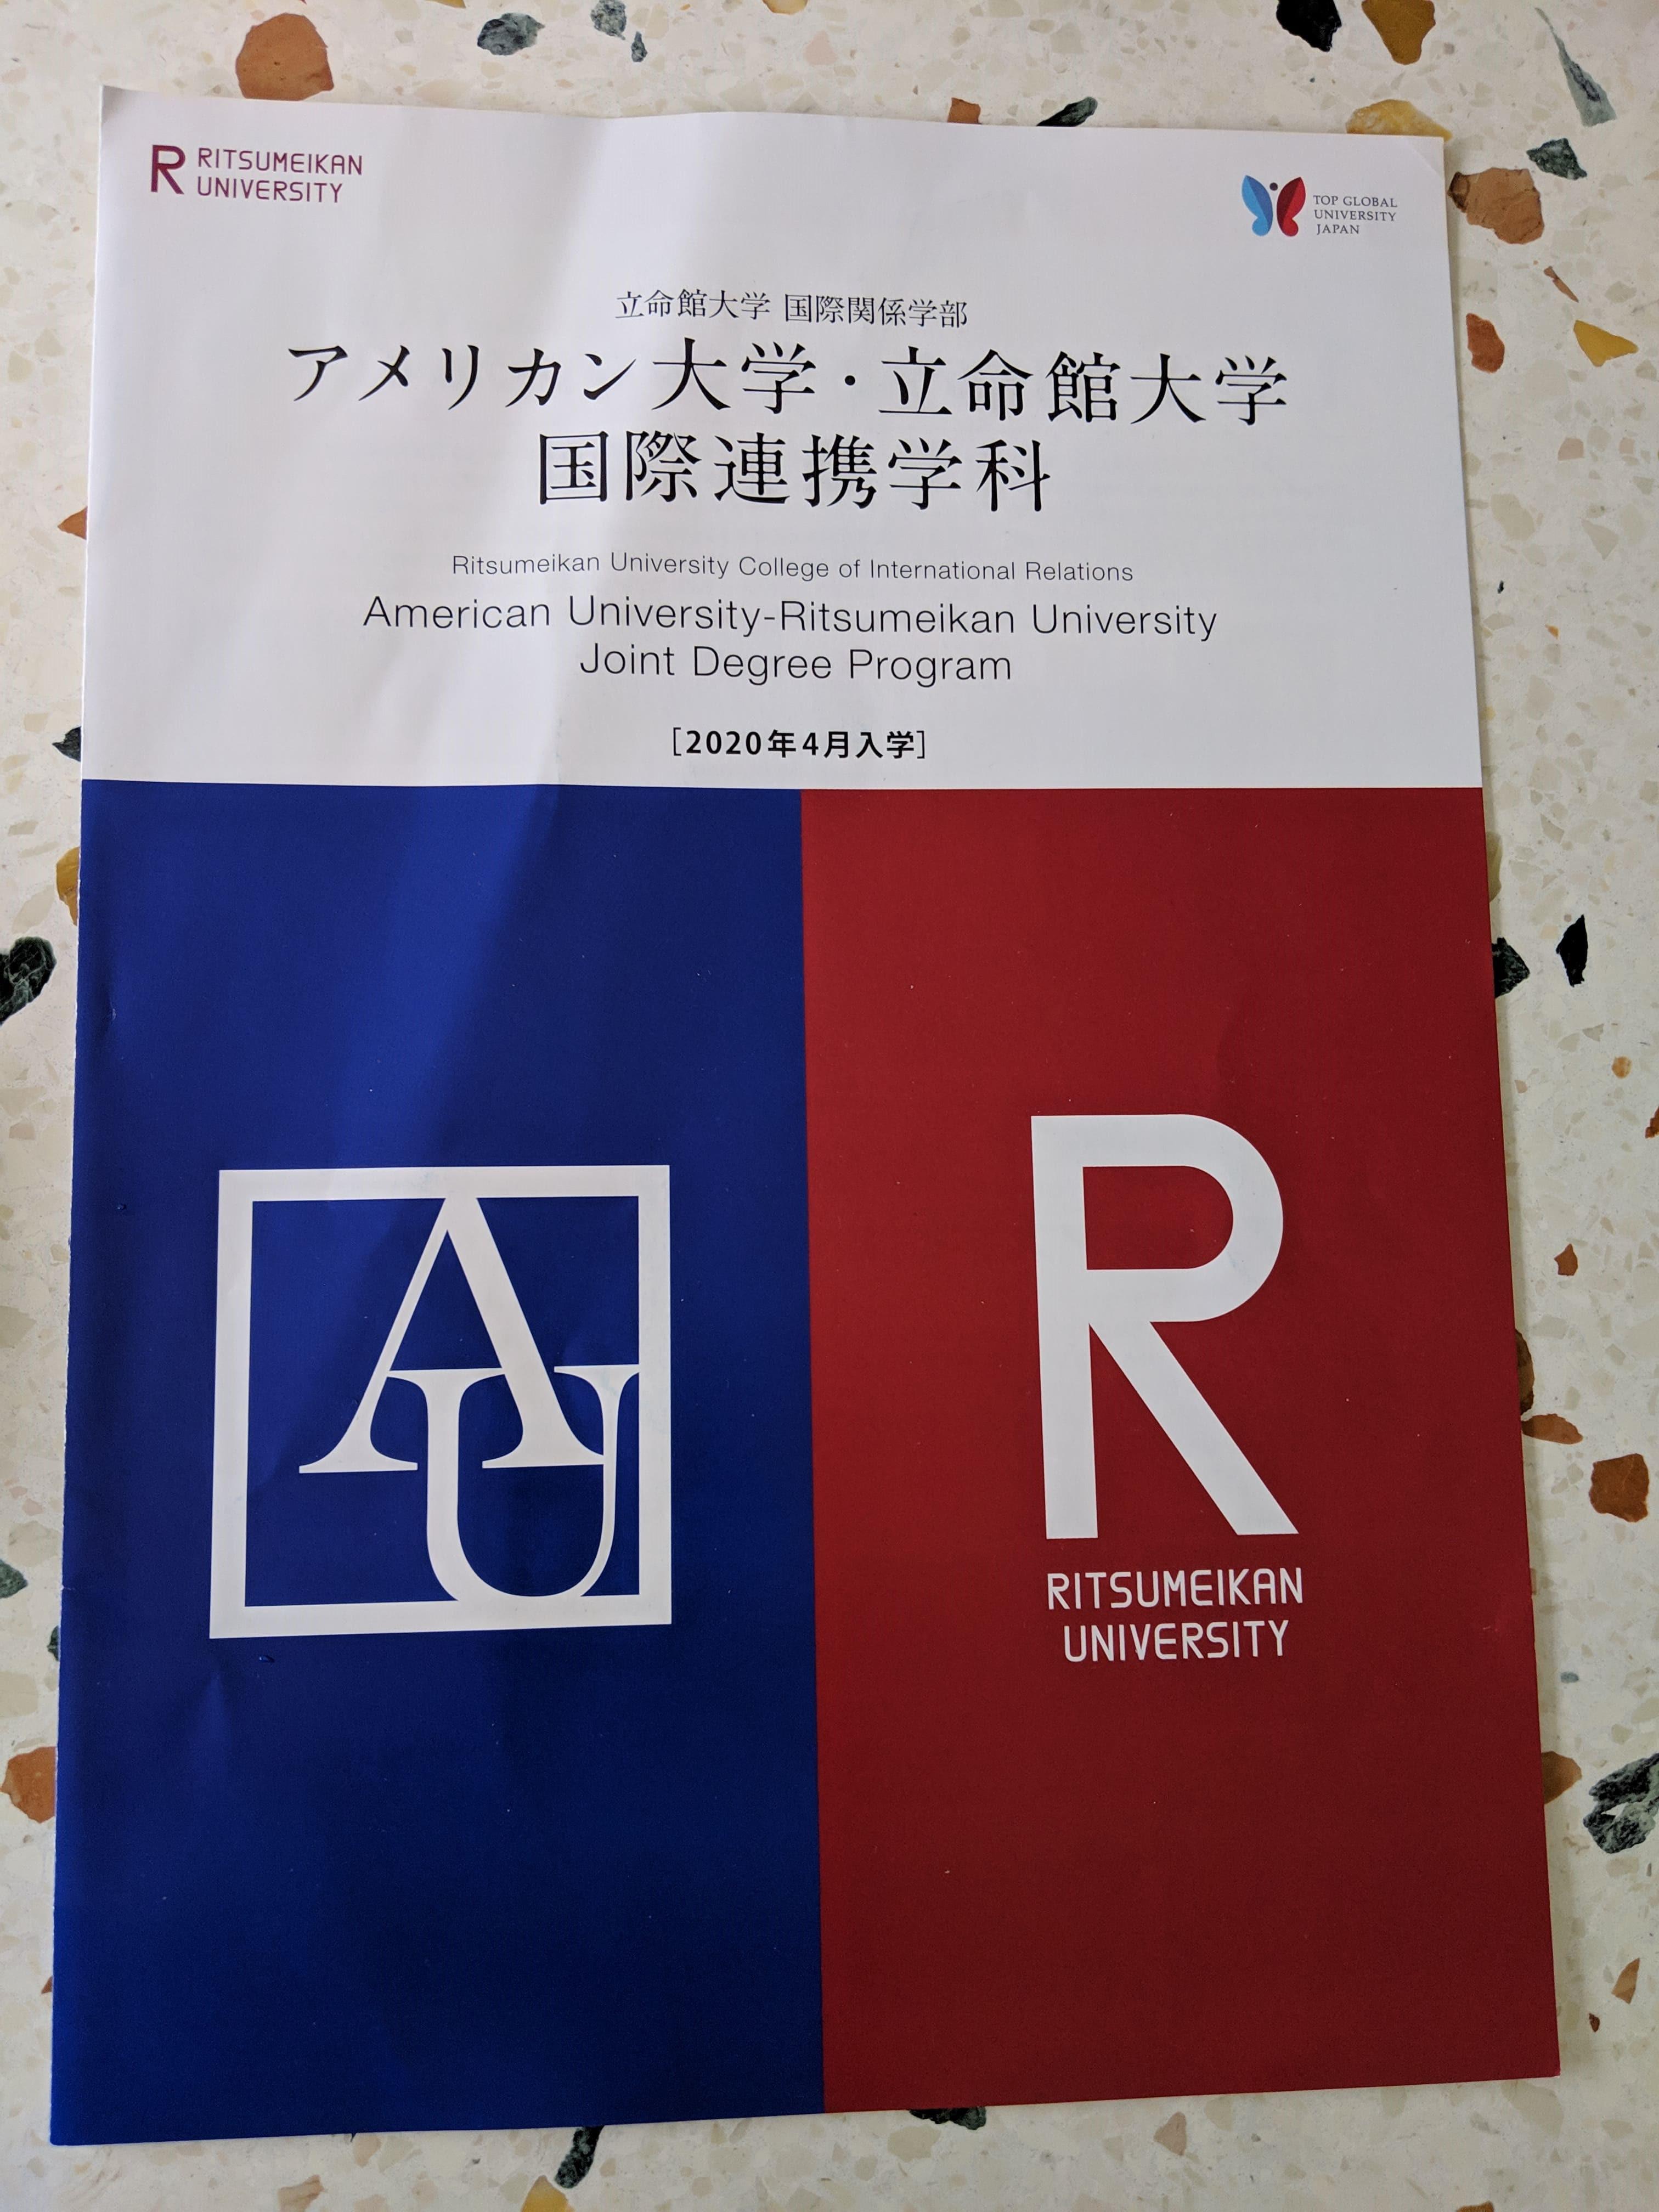 アメリカン大学・立命館大学国際連携学科